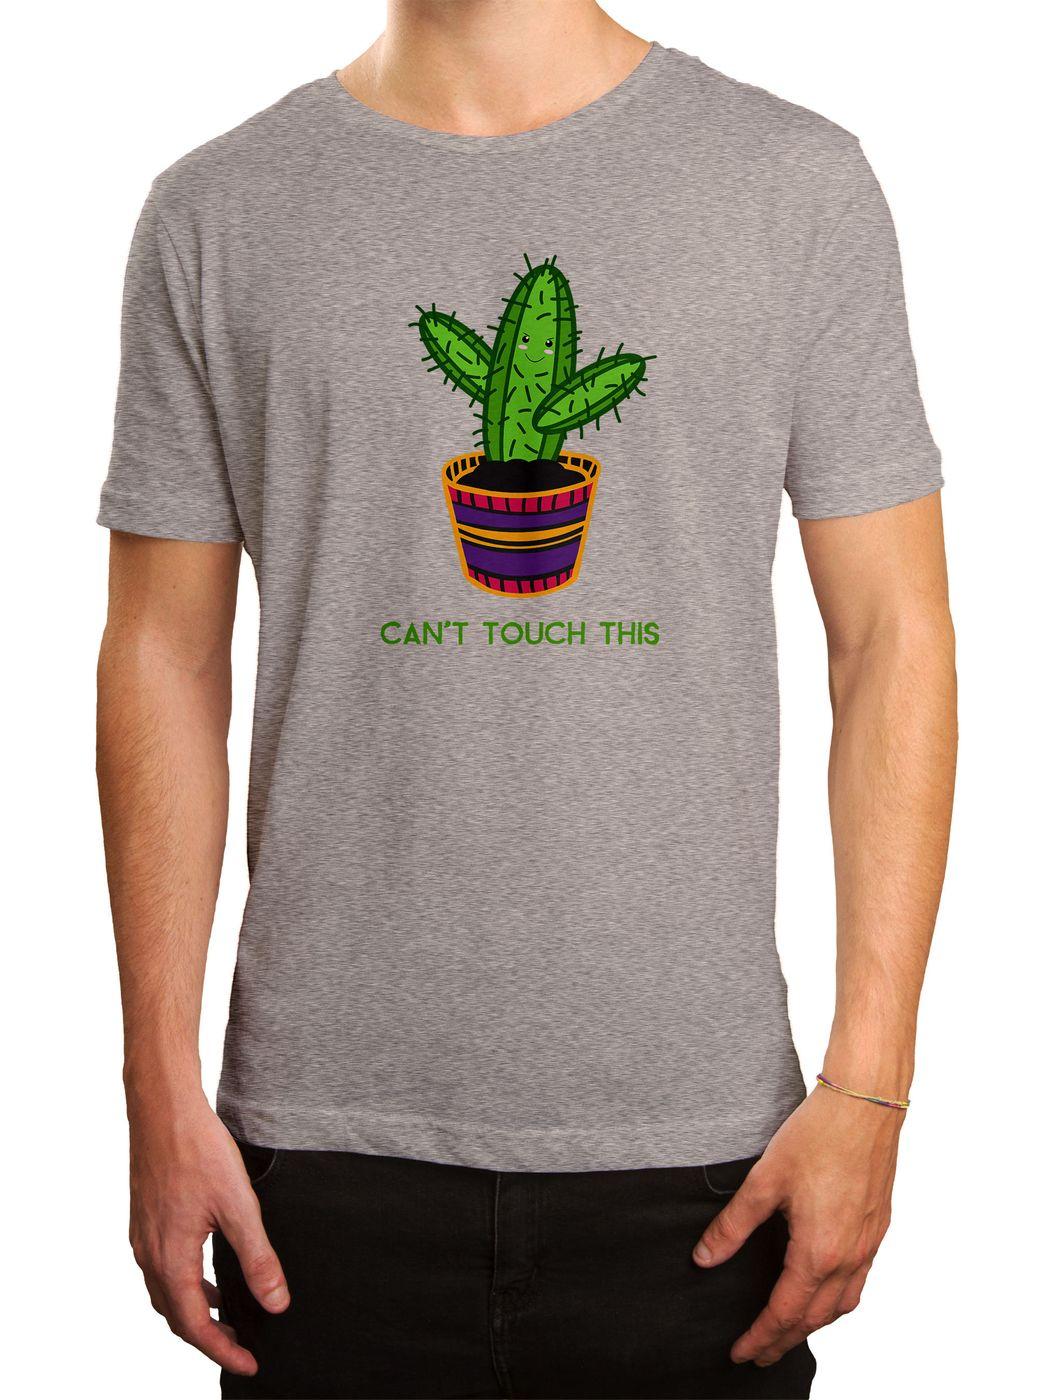 Full Size of Kaktus 1 Premium T Shirt Cant Touch This Spa Coole Sprche Sprüche Betten Für Die Küche Lustige T Shirt Wandtattoo Bettwäsche Junggesellenabschied Küche Coole T Shirt Sprüche